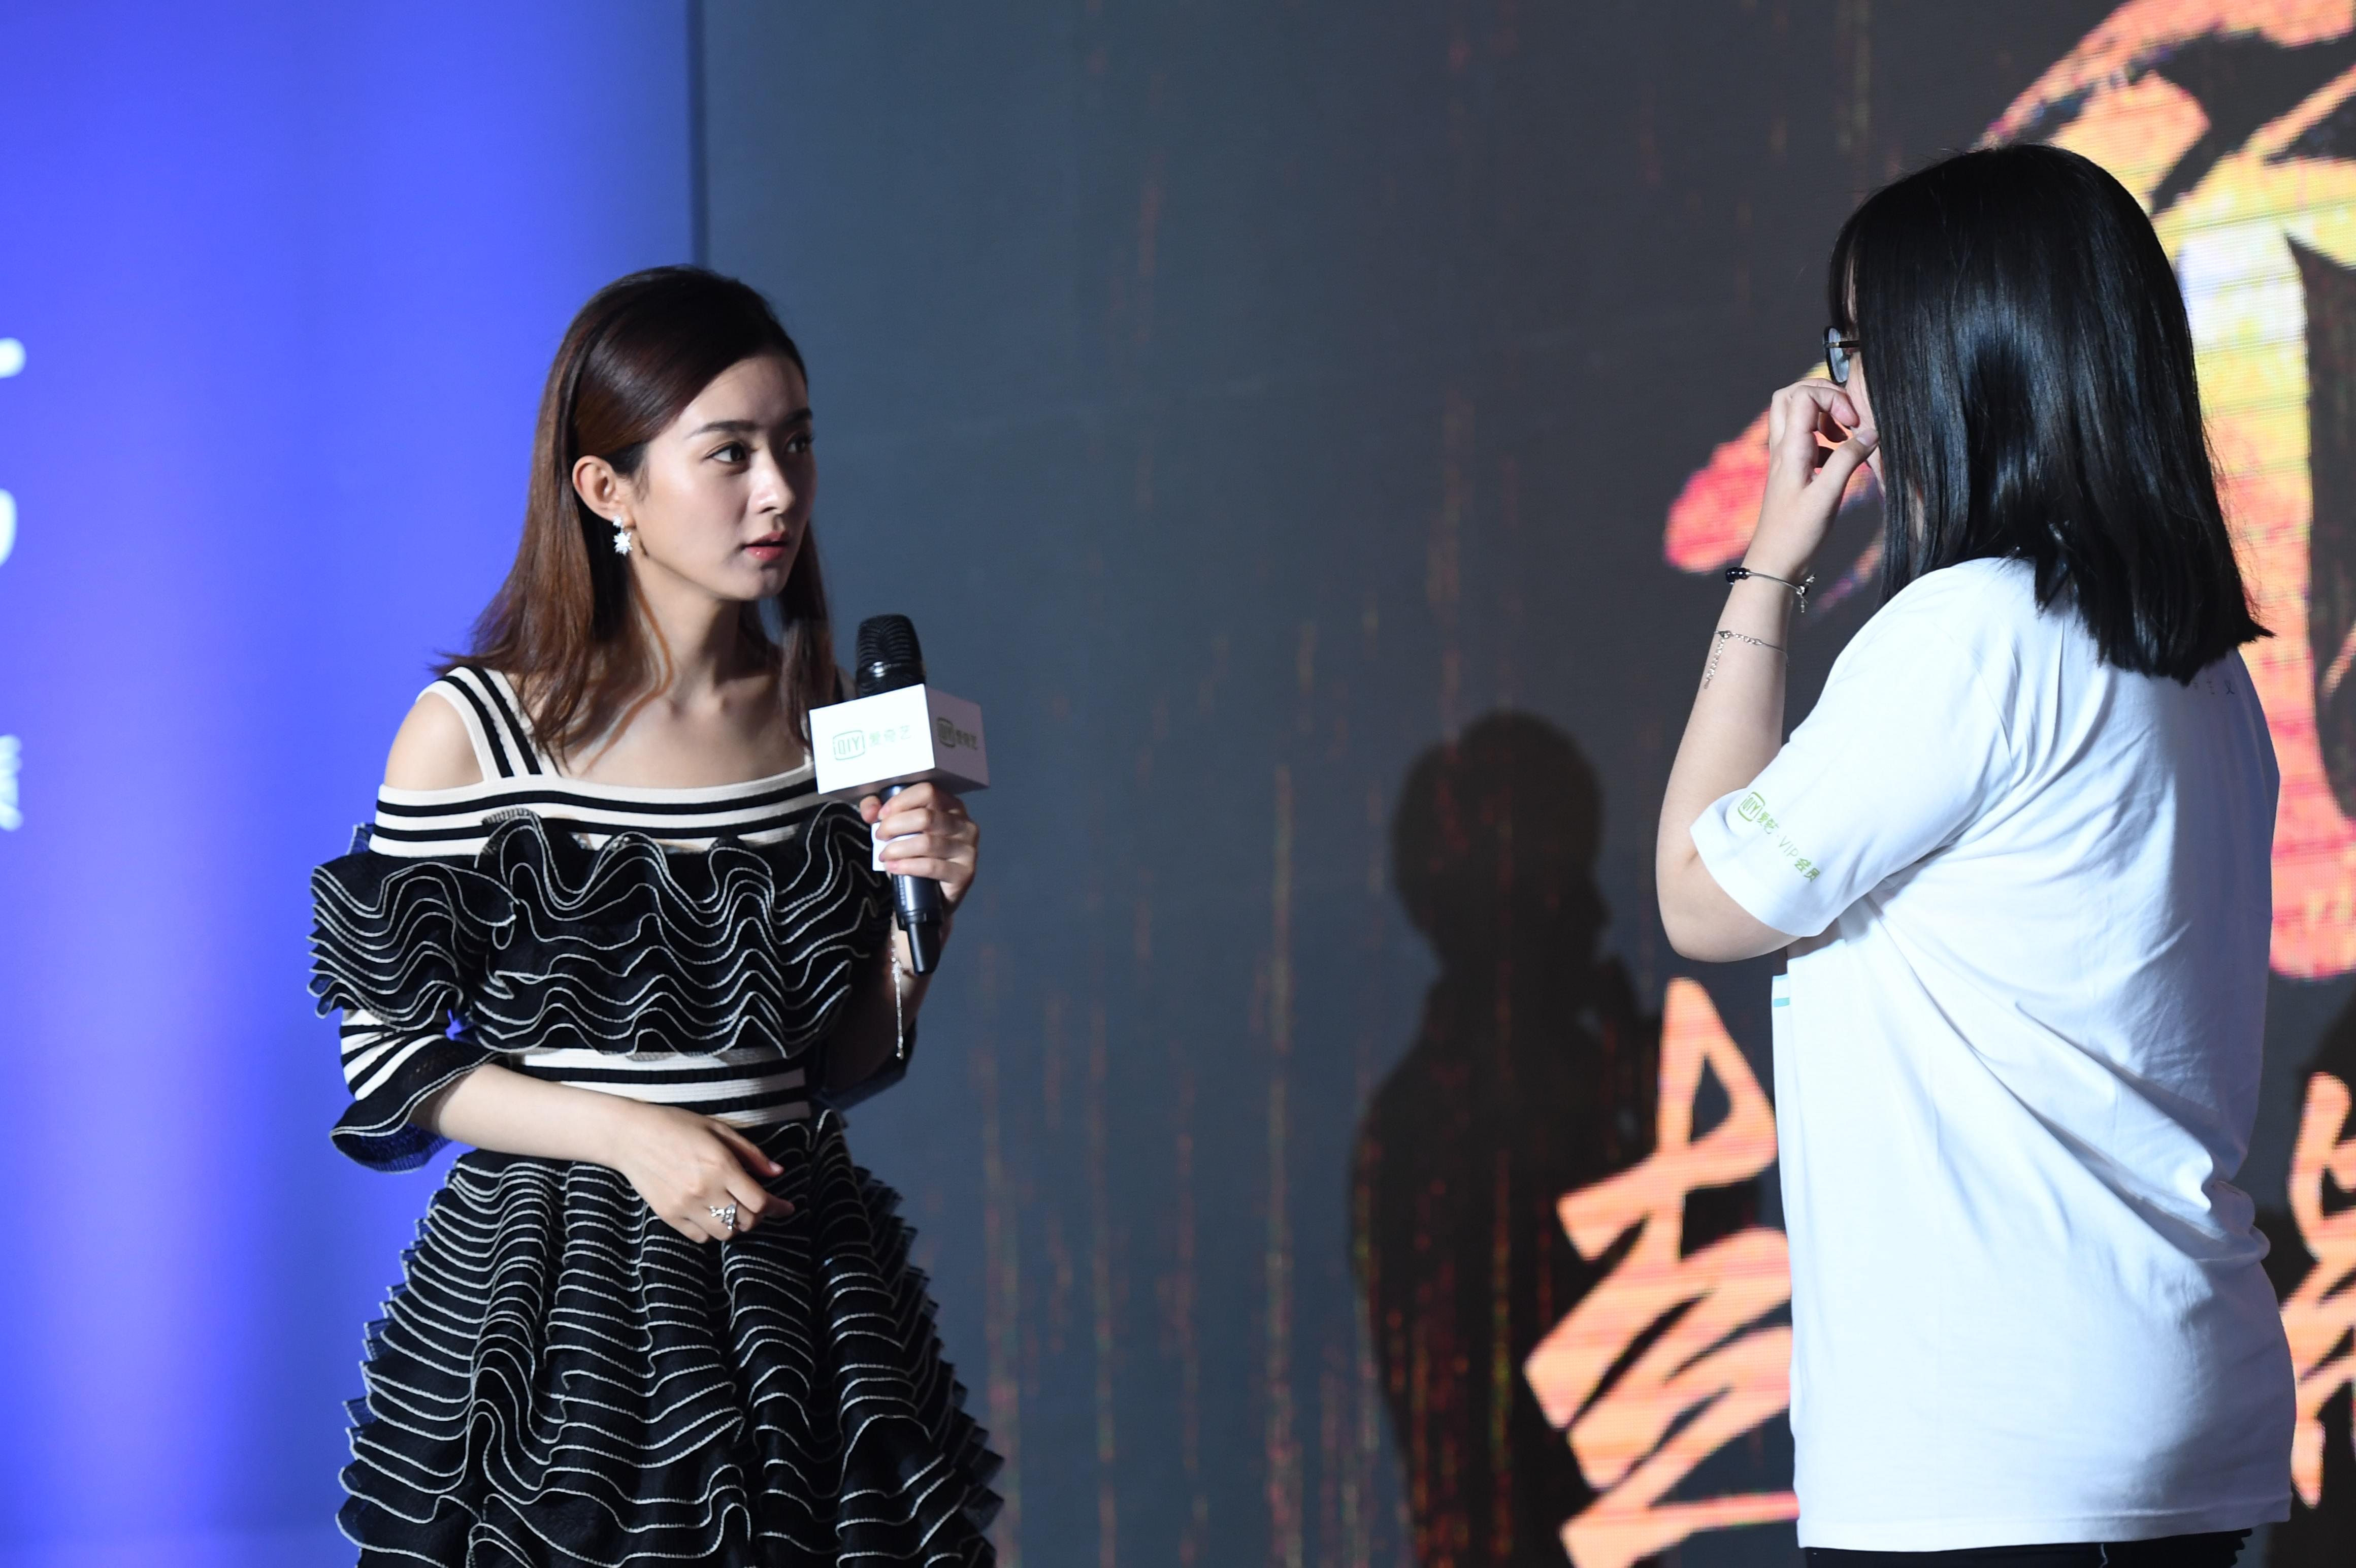 赵丽颖粉丝见面会 称林更新吻戏害羞亲完就跑